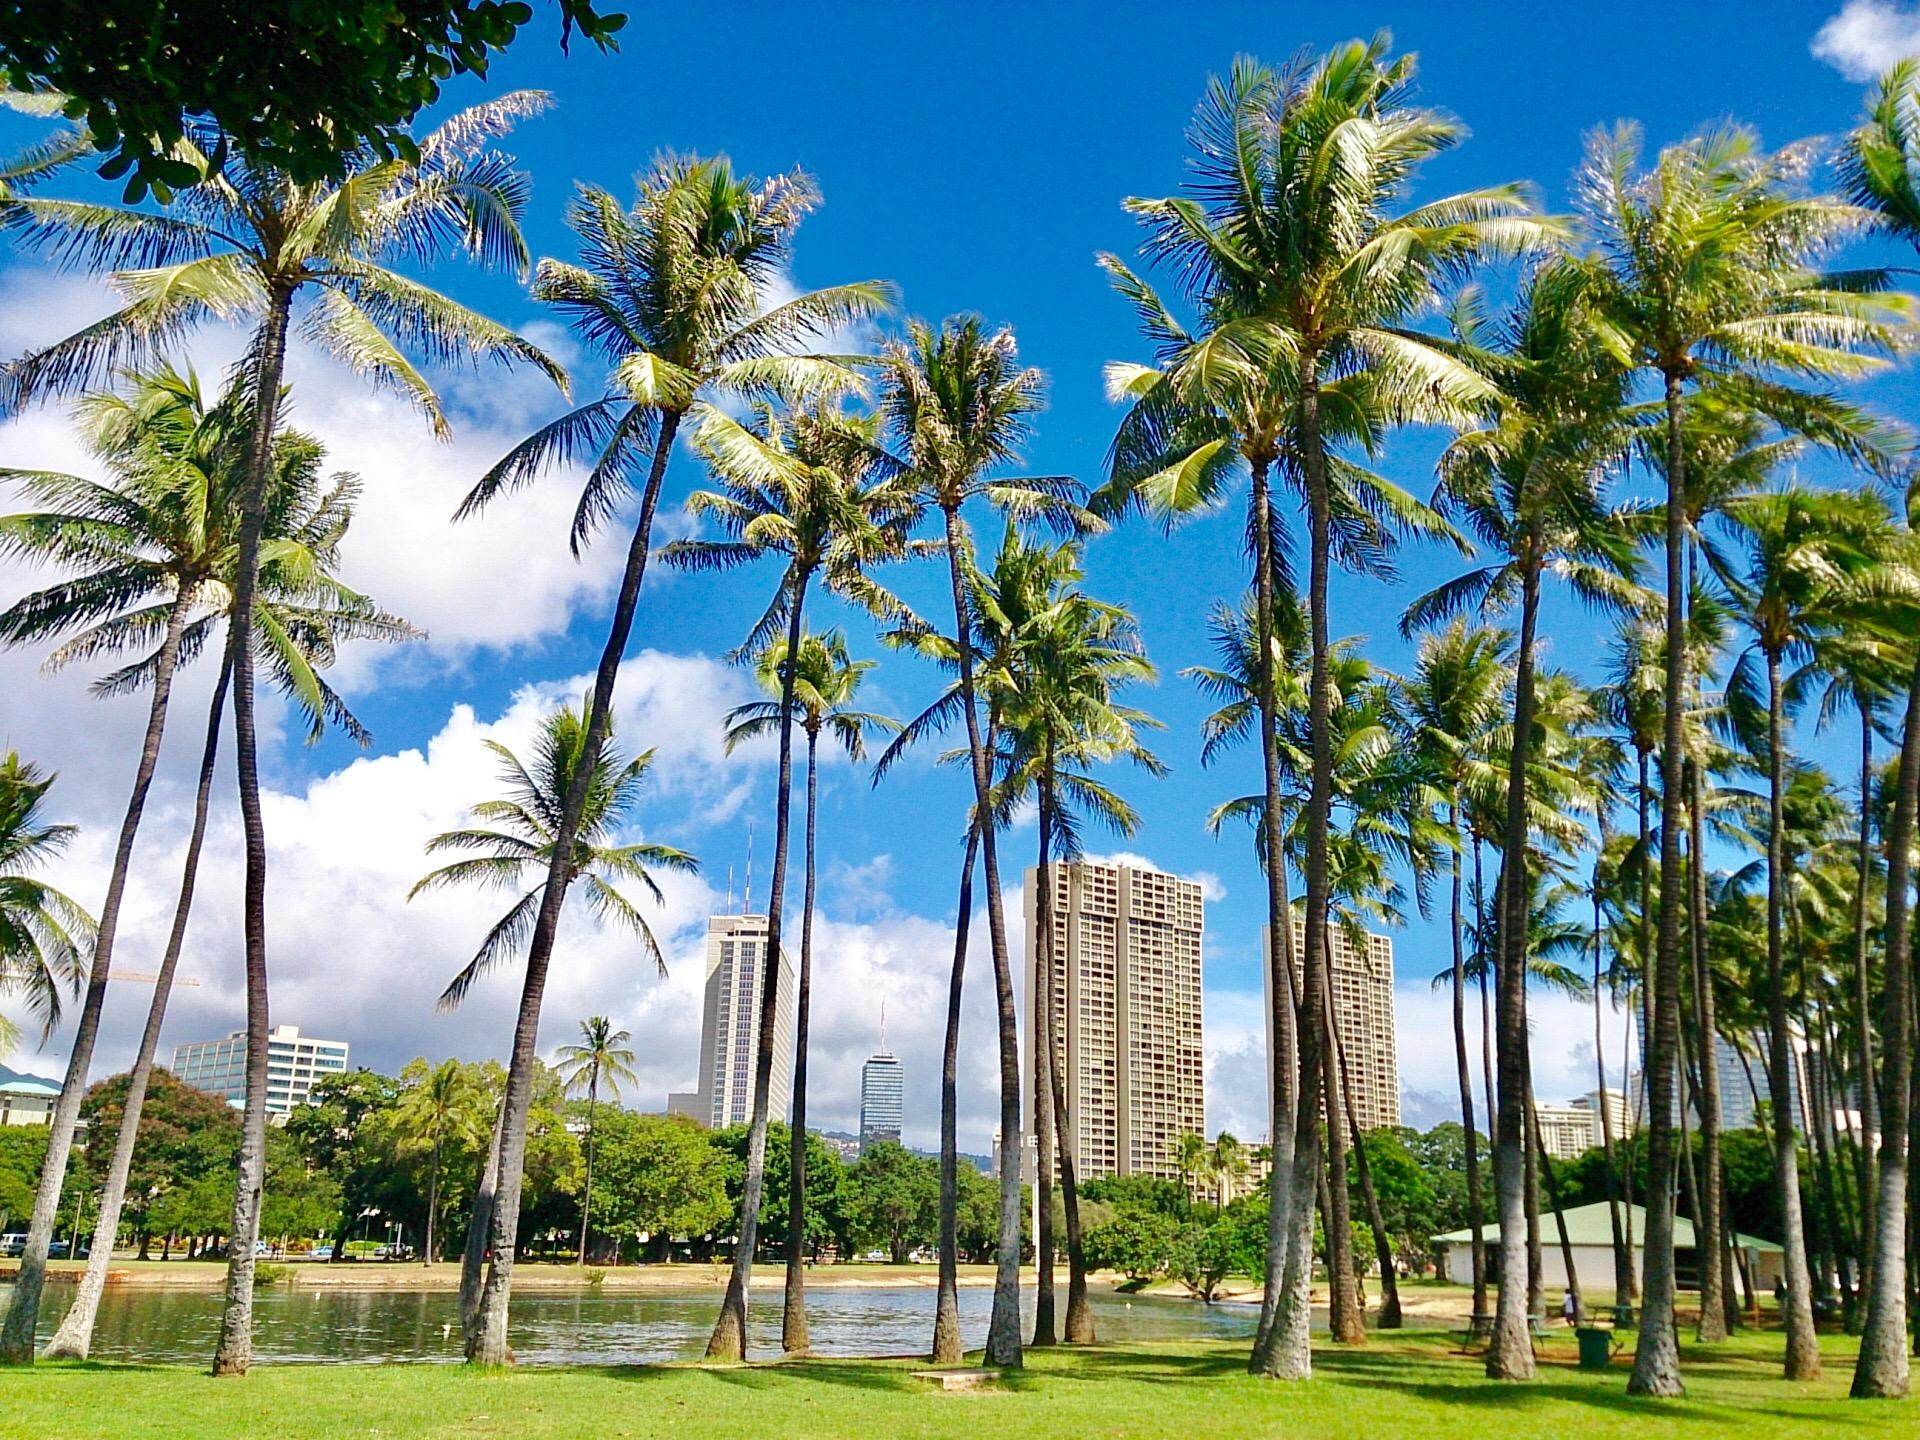 ニーマンマーカスでハワイのお土産を買おう!おすすめの限定品は何?